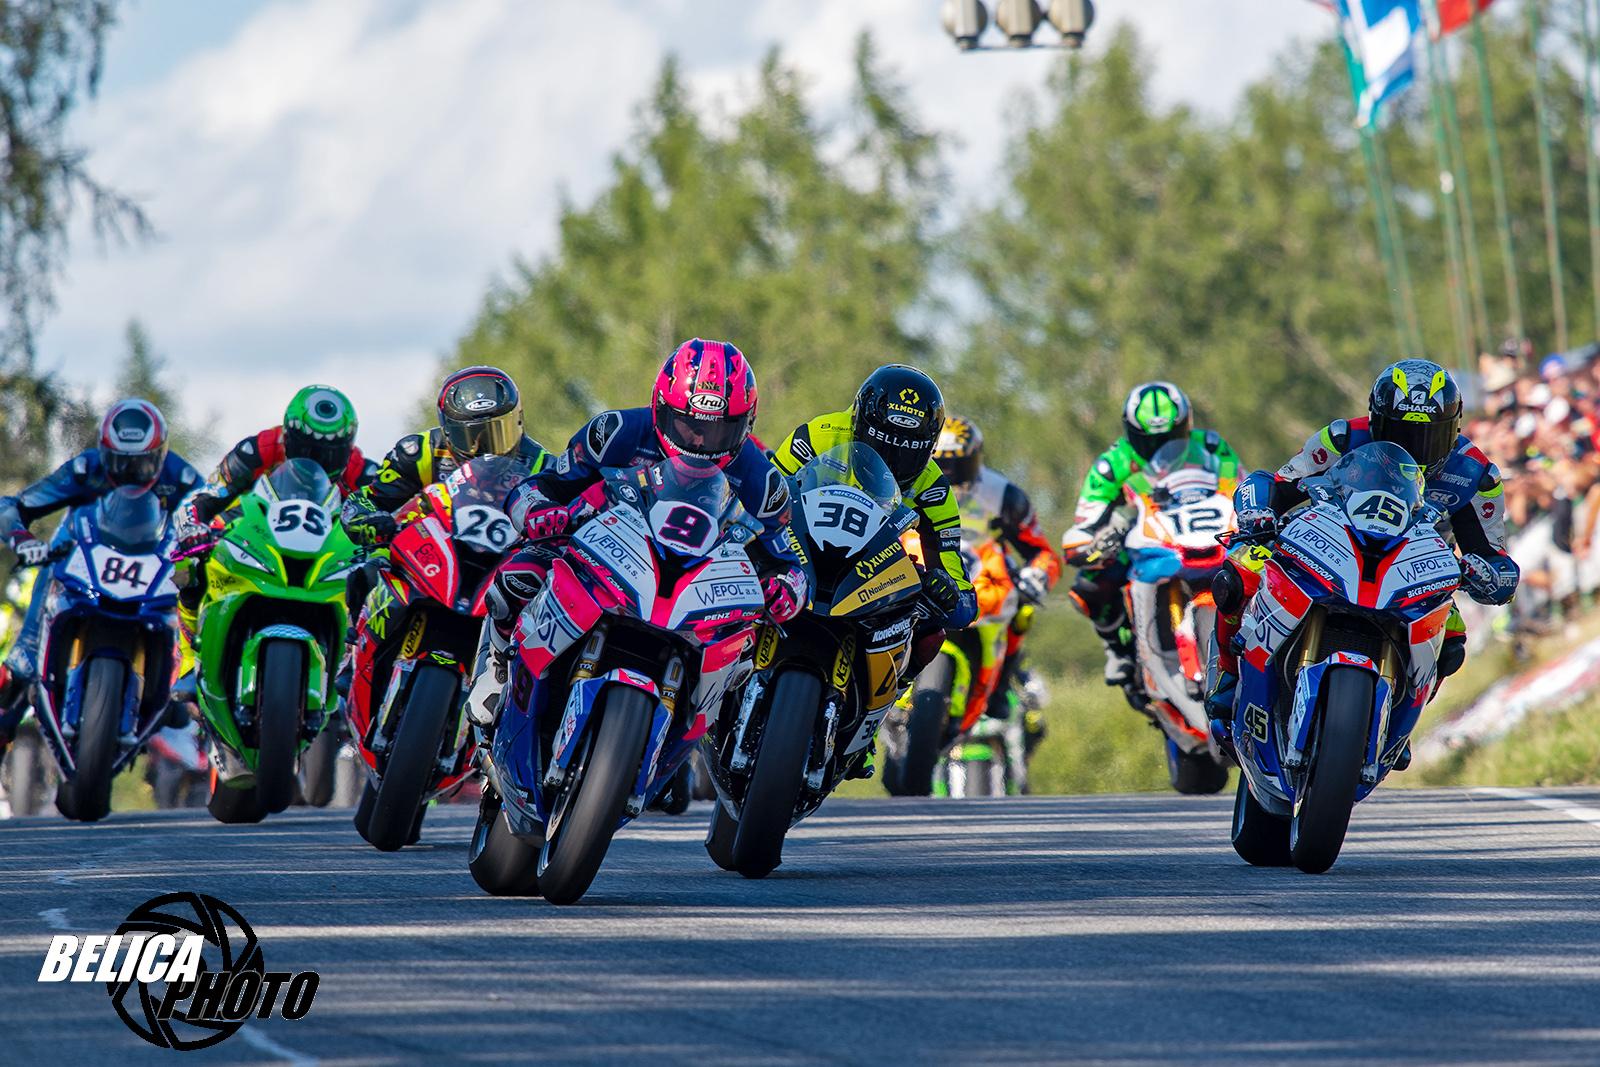 Kalendář silničních závodů motocyklů AČR na rok 2020 a změny pro přírodní okruhy